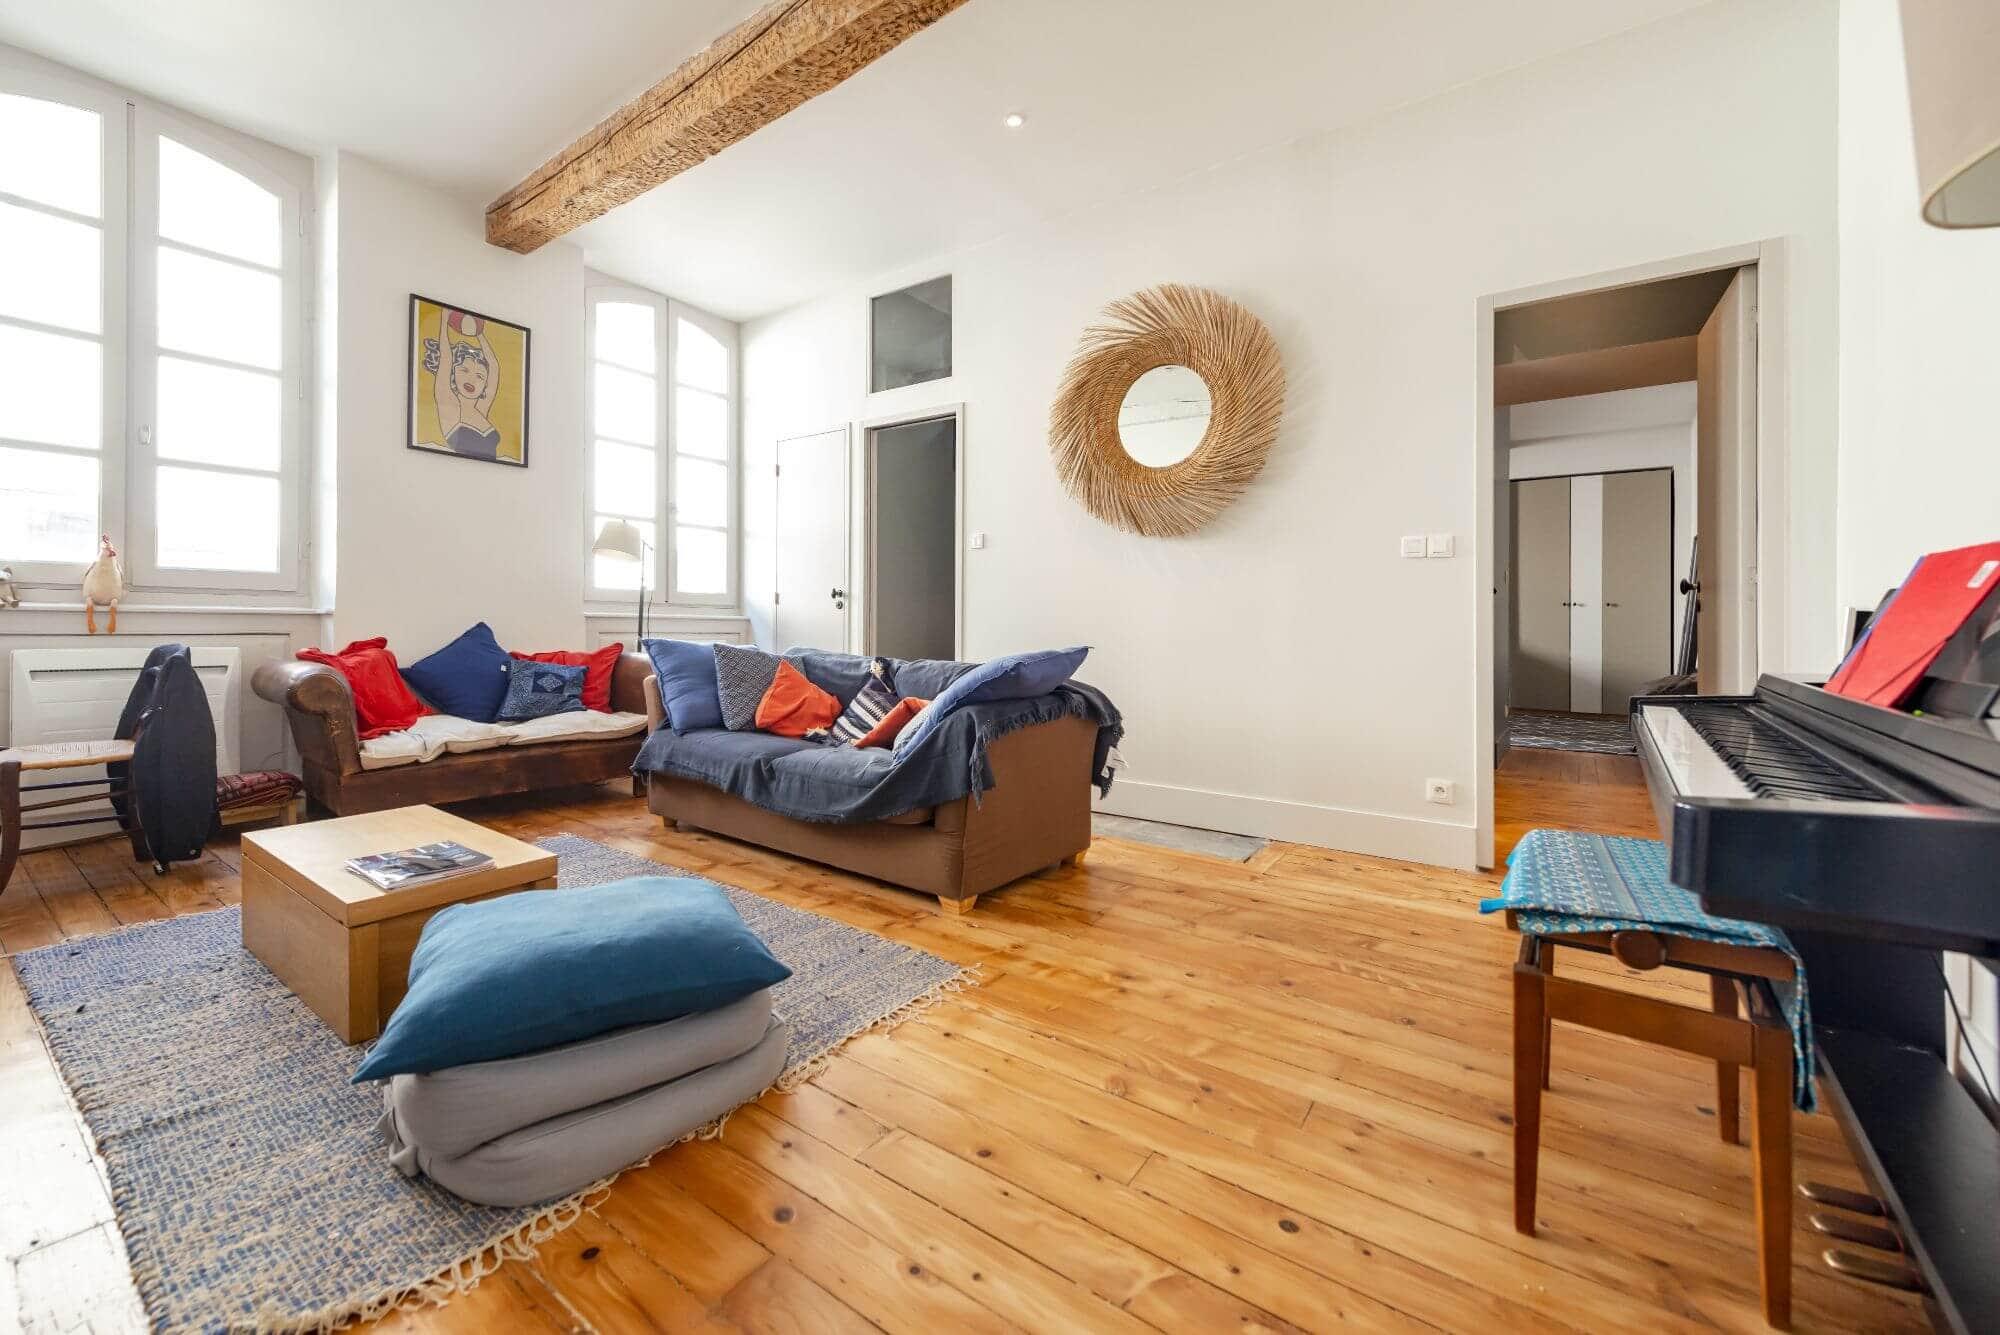 Rénovation, Travaux rapides, Toulouse, Appartement, Parquet